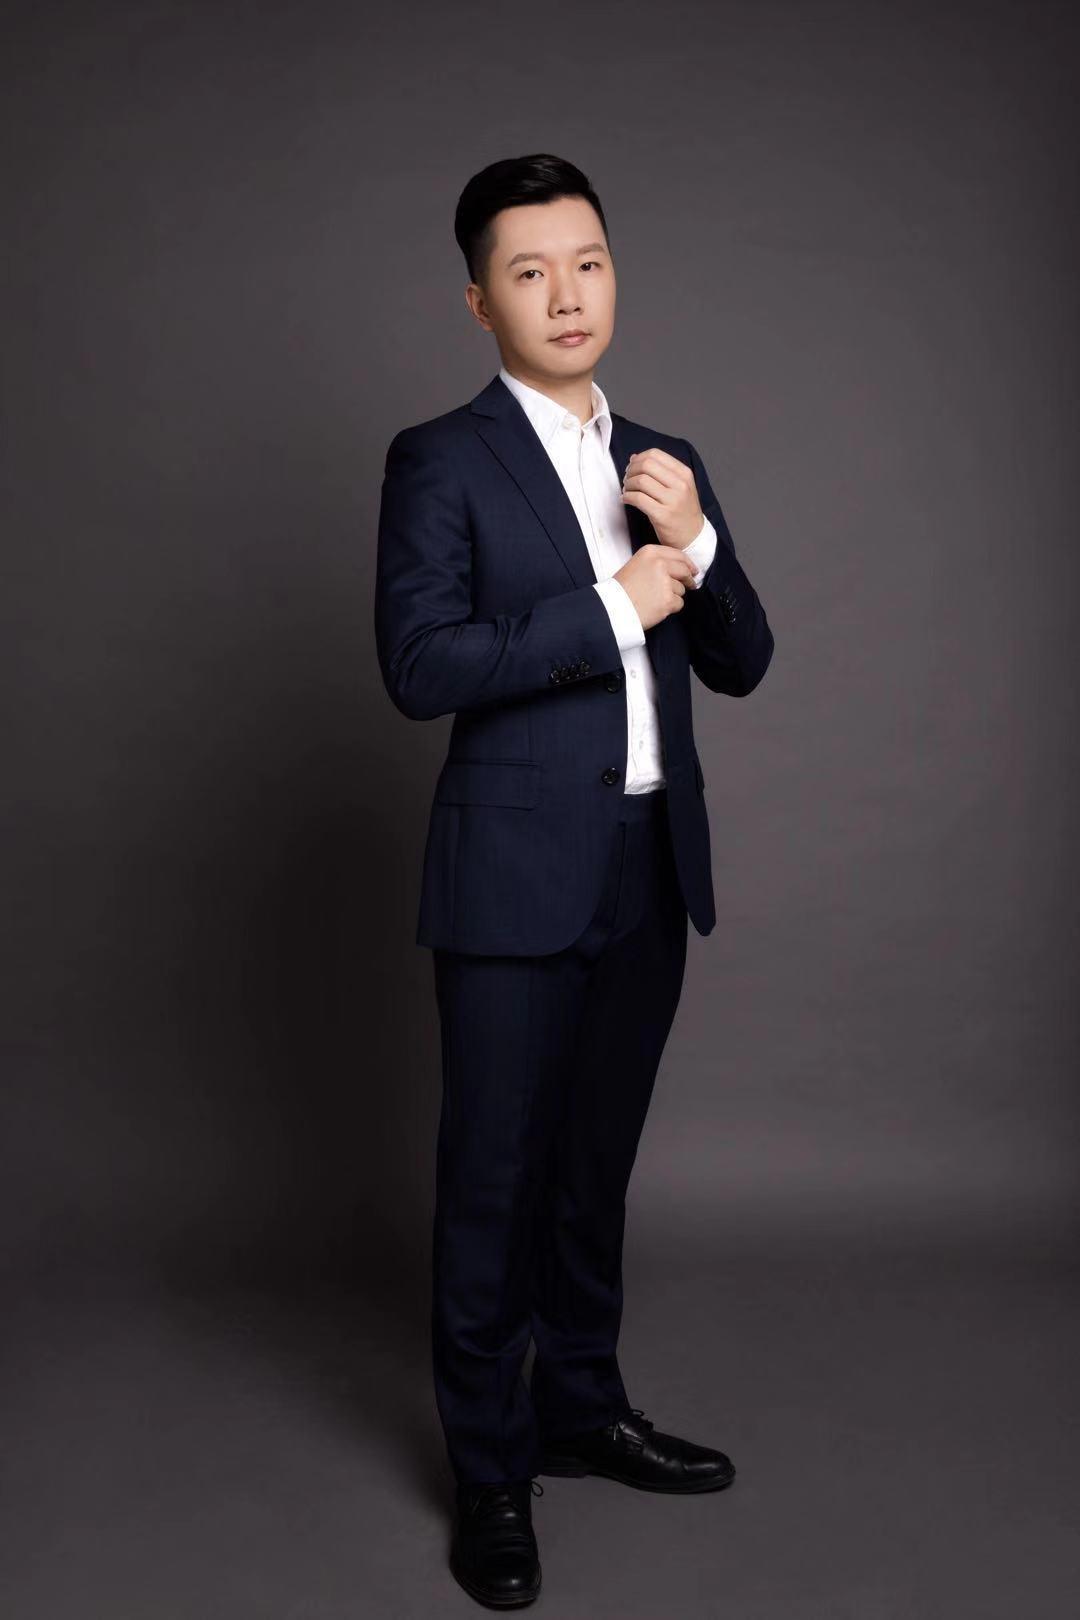 专访比特空间创始人陈枫、张曦:做数字货币领域的金融专家